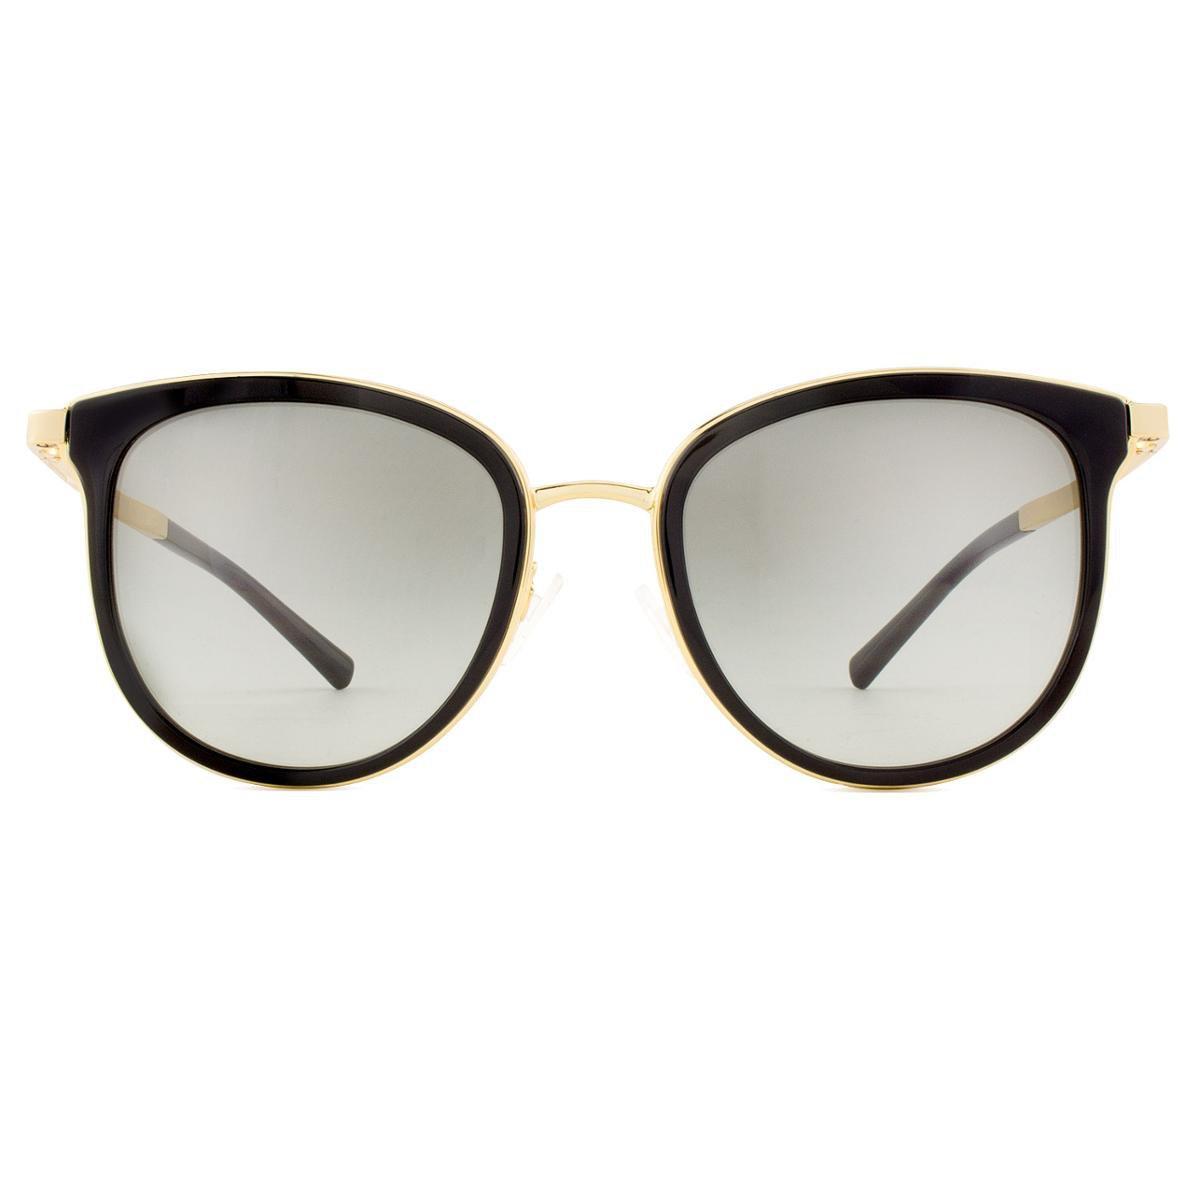 479f0c6dcbb56 Óculos de Sol Michael Kors Adrianna I MK1010 110011-54 Feminino - Compre  Agora